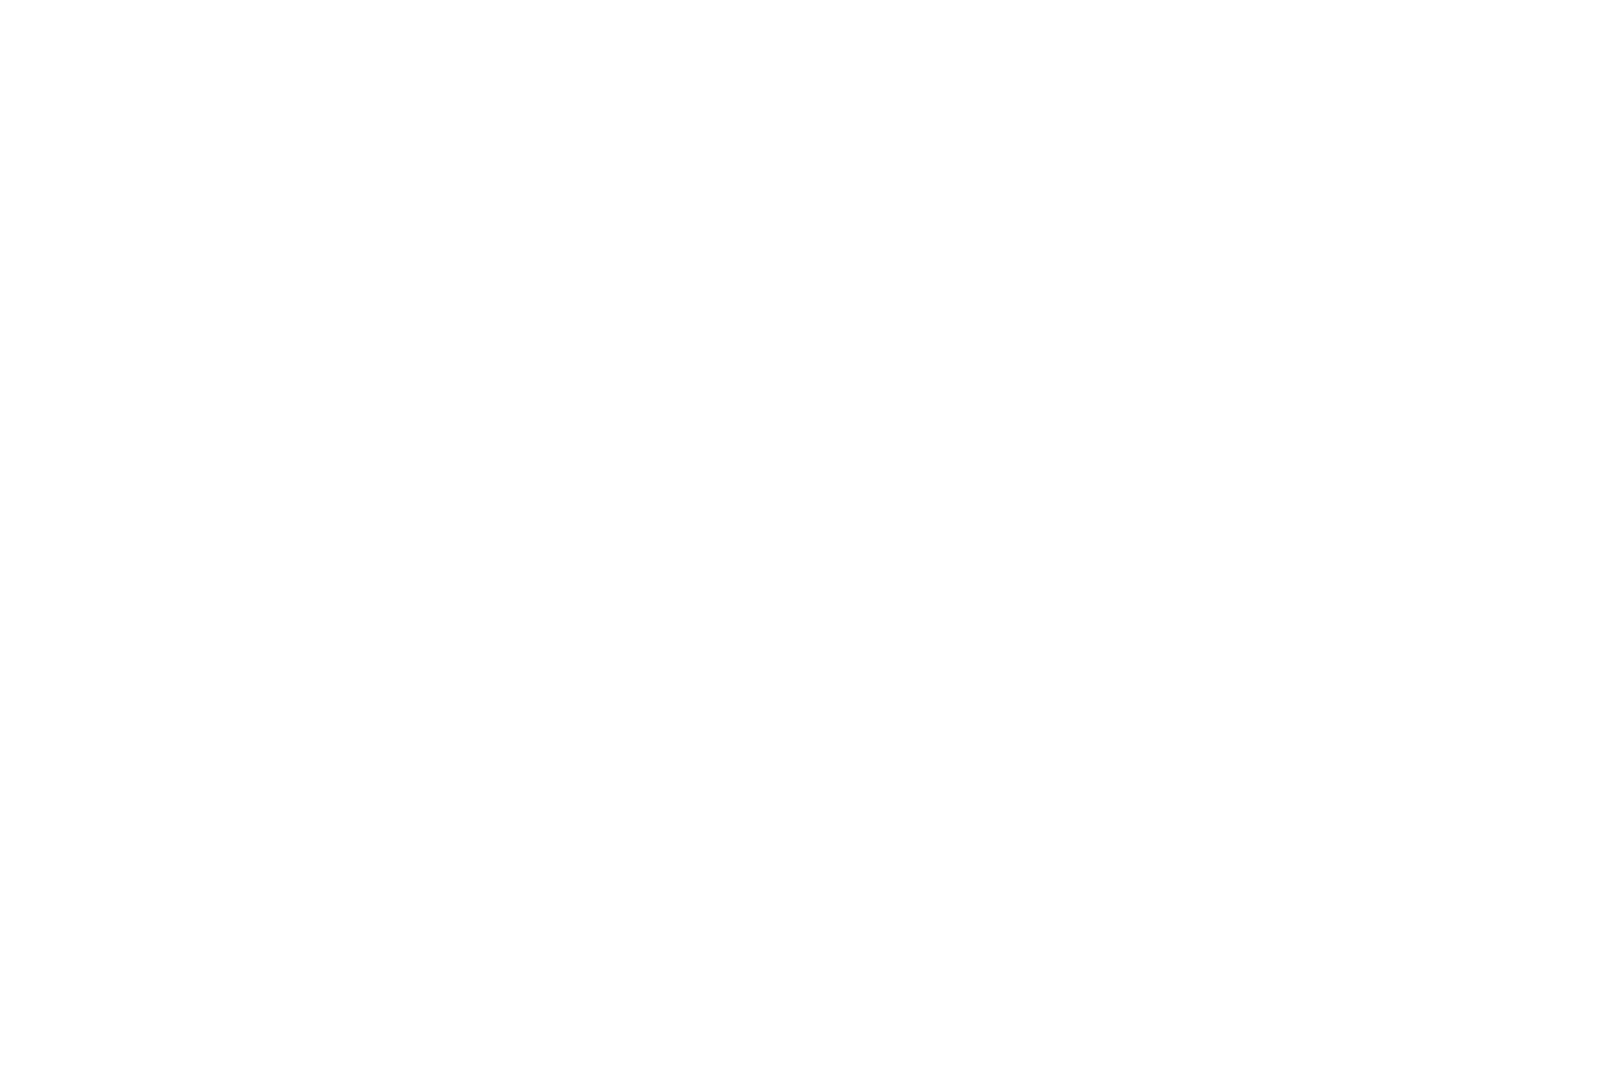 rnp_3390